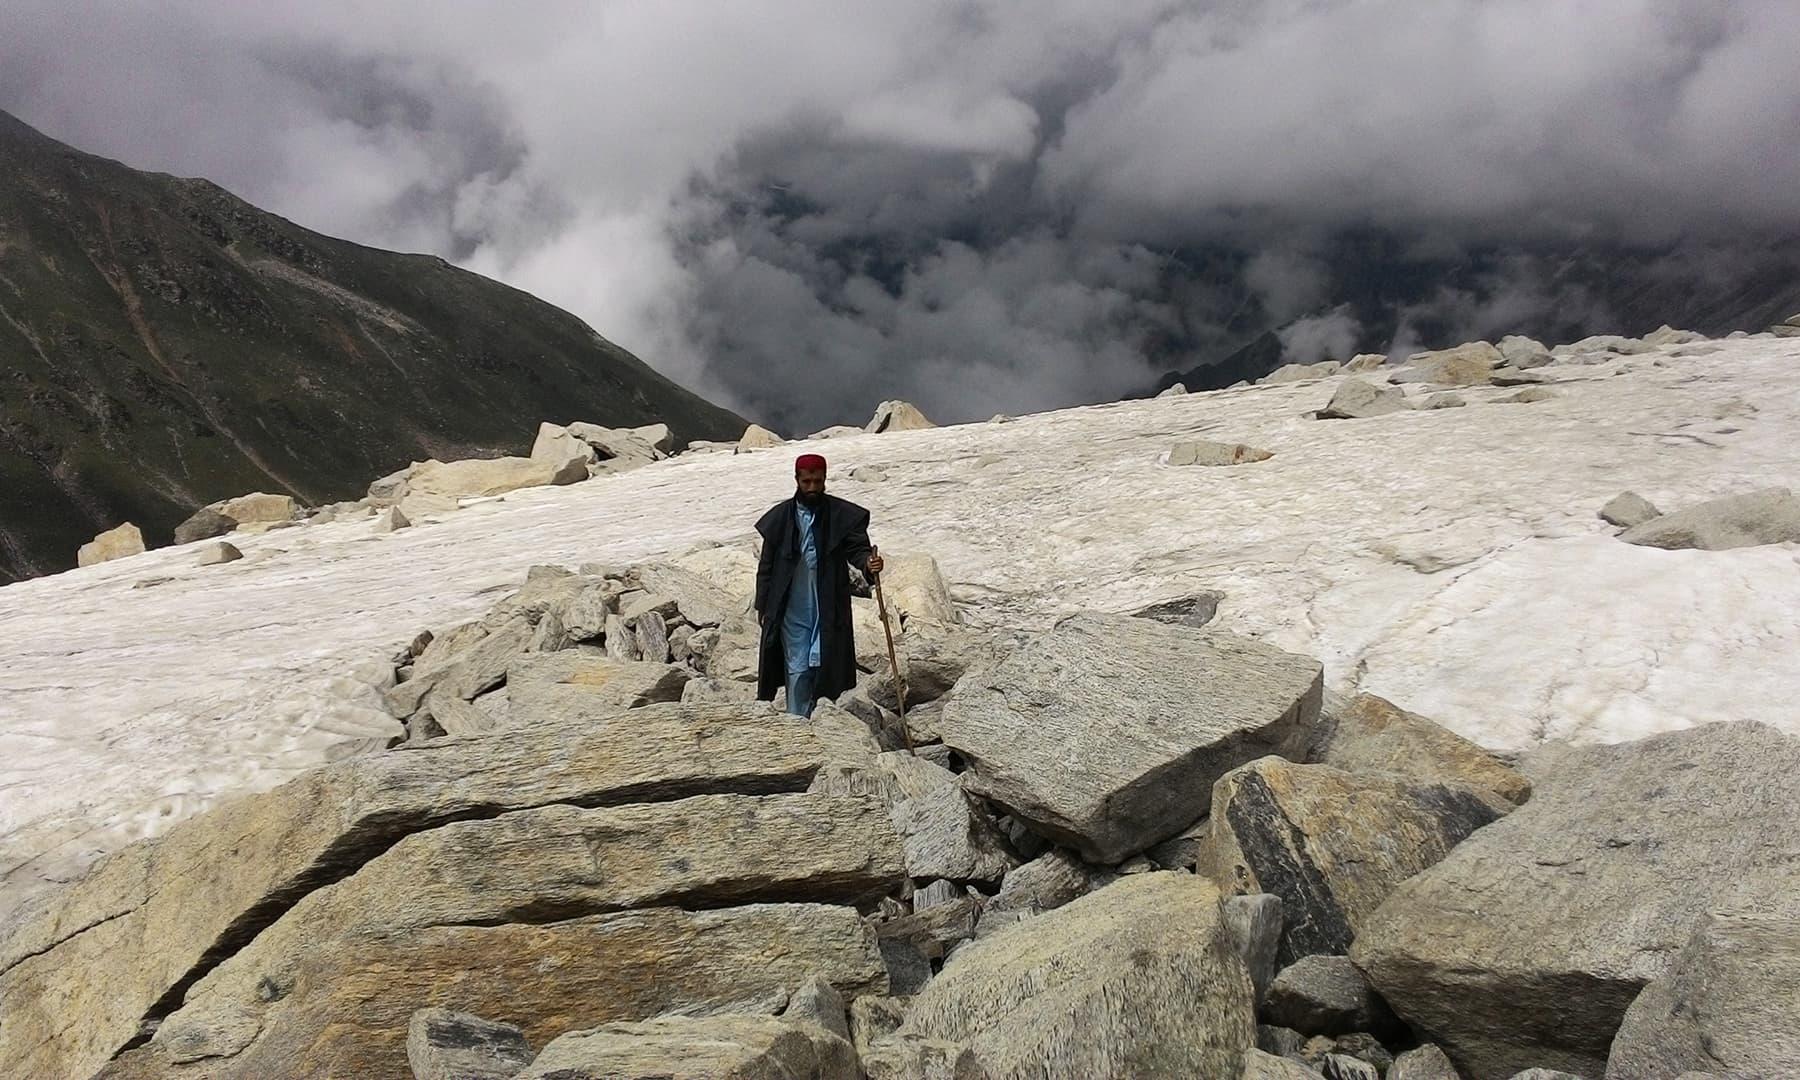 بلندی چڑھتے ہوئے ہم پتھریلے پہاڑی علاقے میں داخل ہوئے—تصویر عظمت اکبر